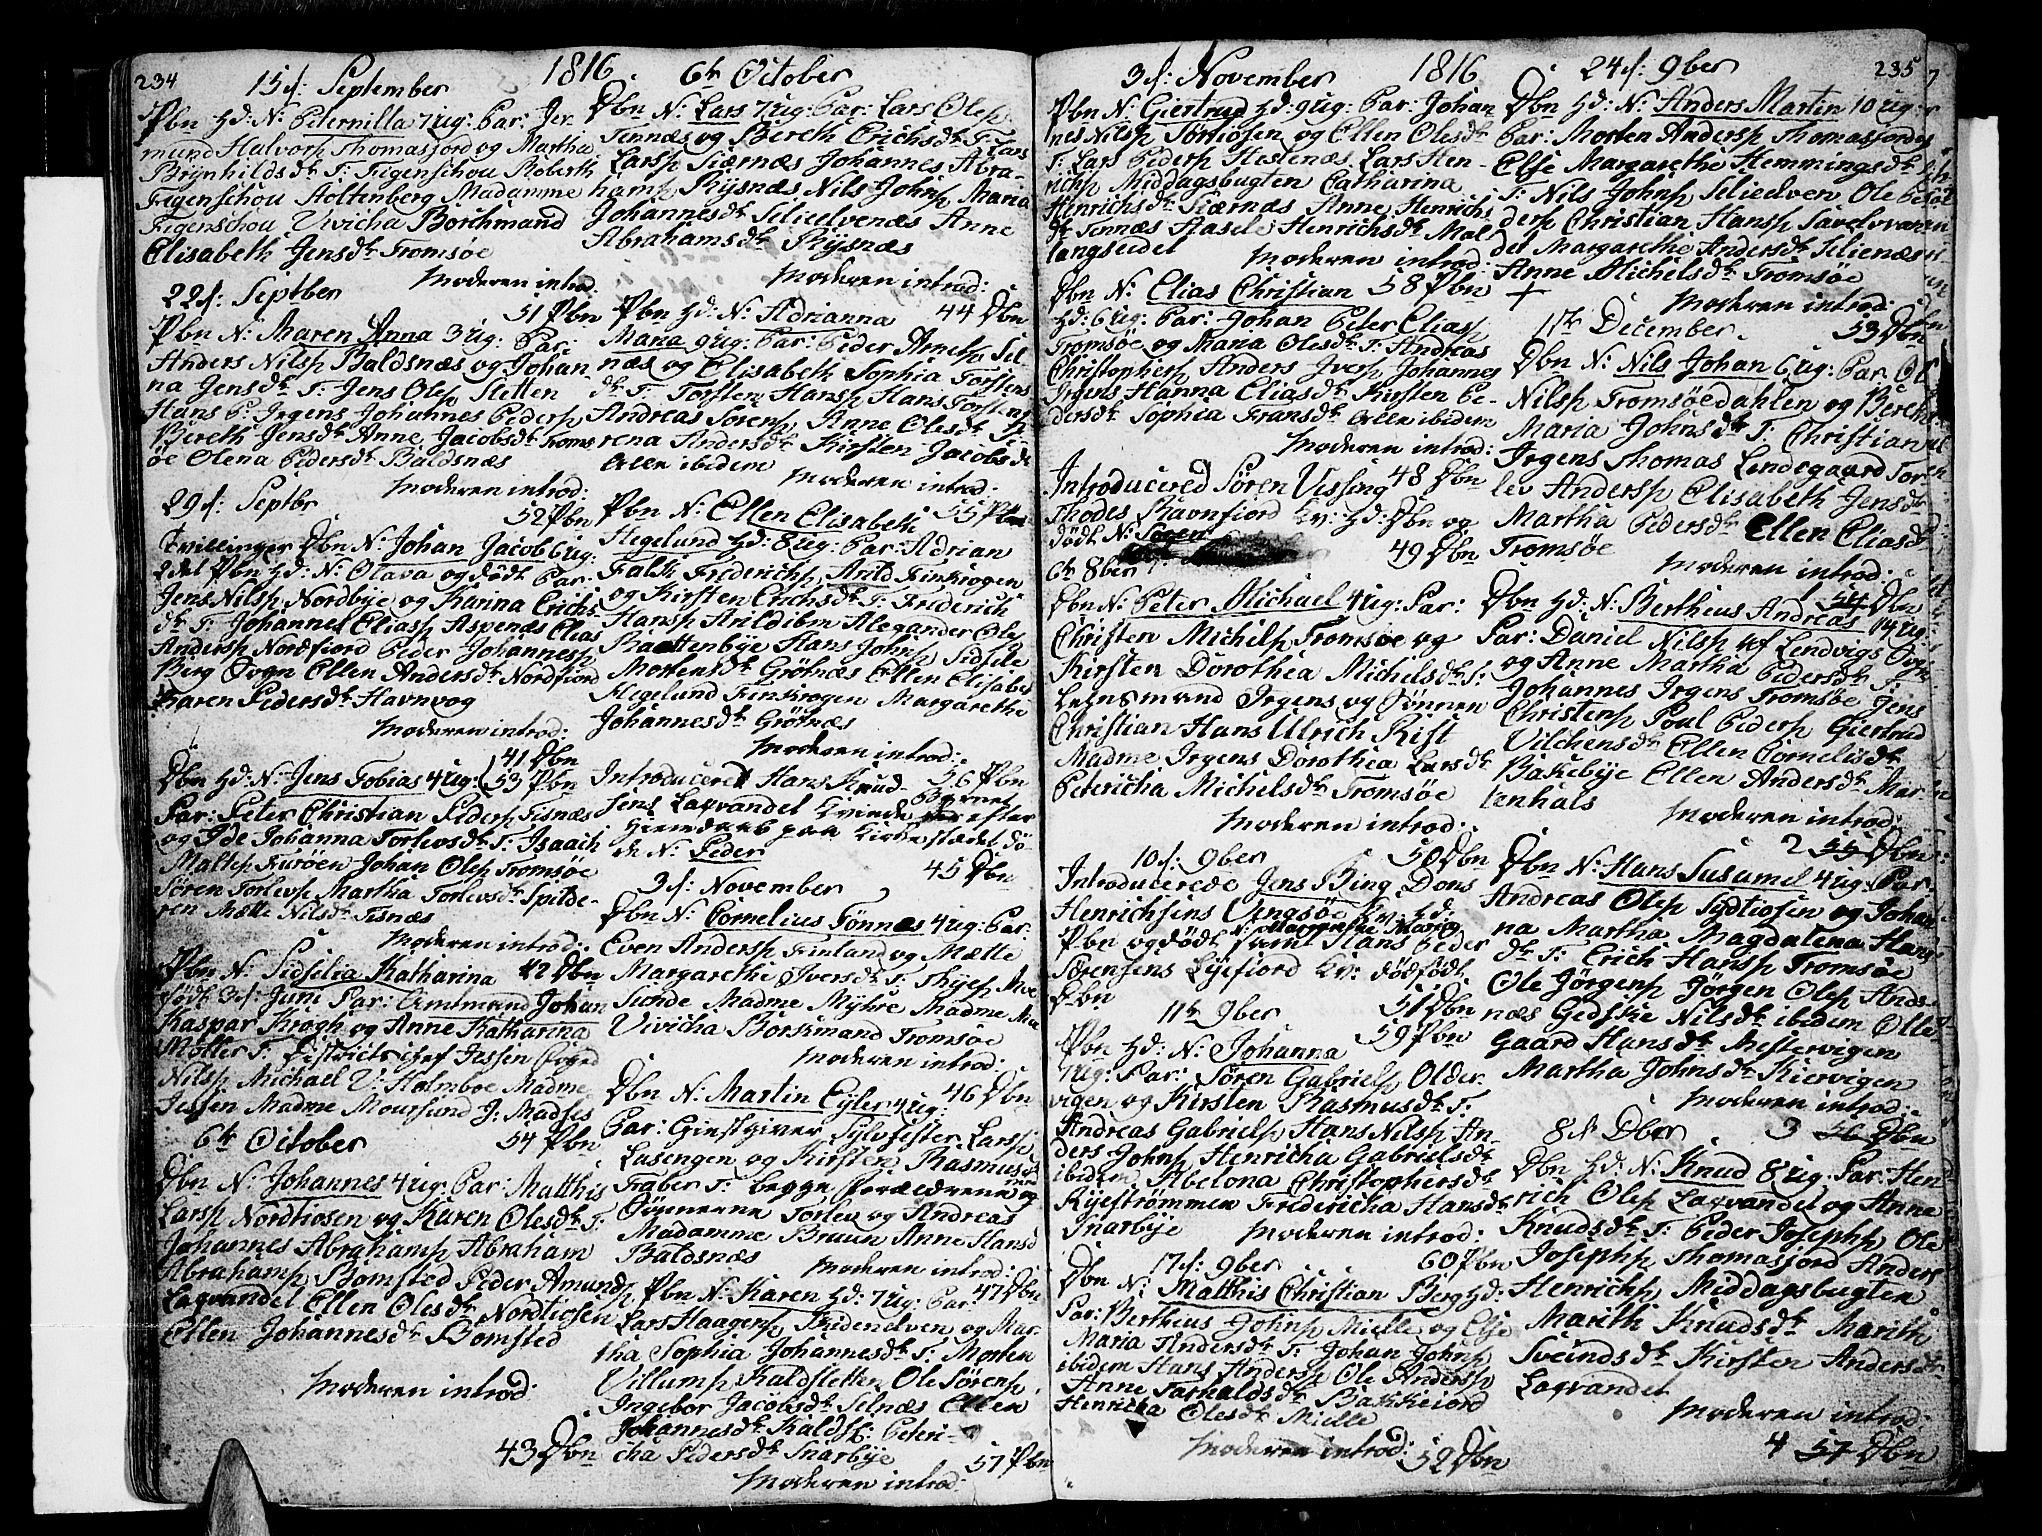 SATØ, Tromsø sokneprestkontor/stiftsprosti/domprosti, G/Ga/L0006kirke: Ministerialbok nr. 6, 1806-1821, s. 234-235